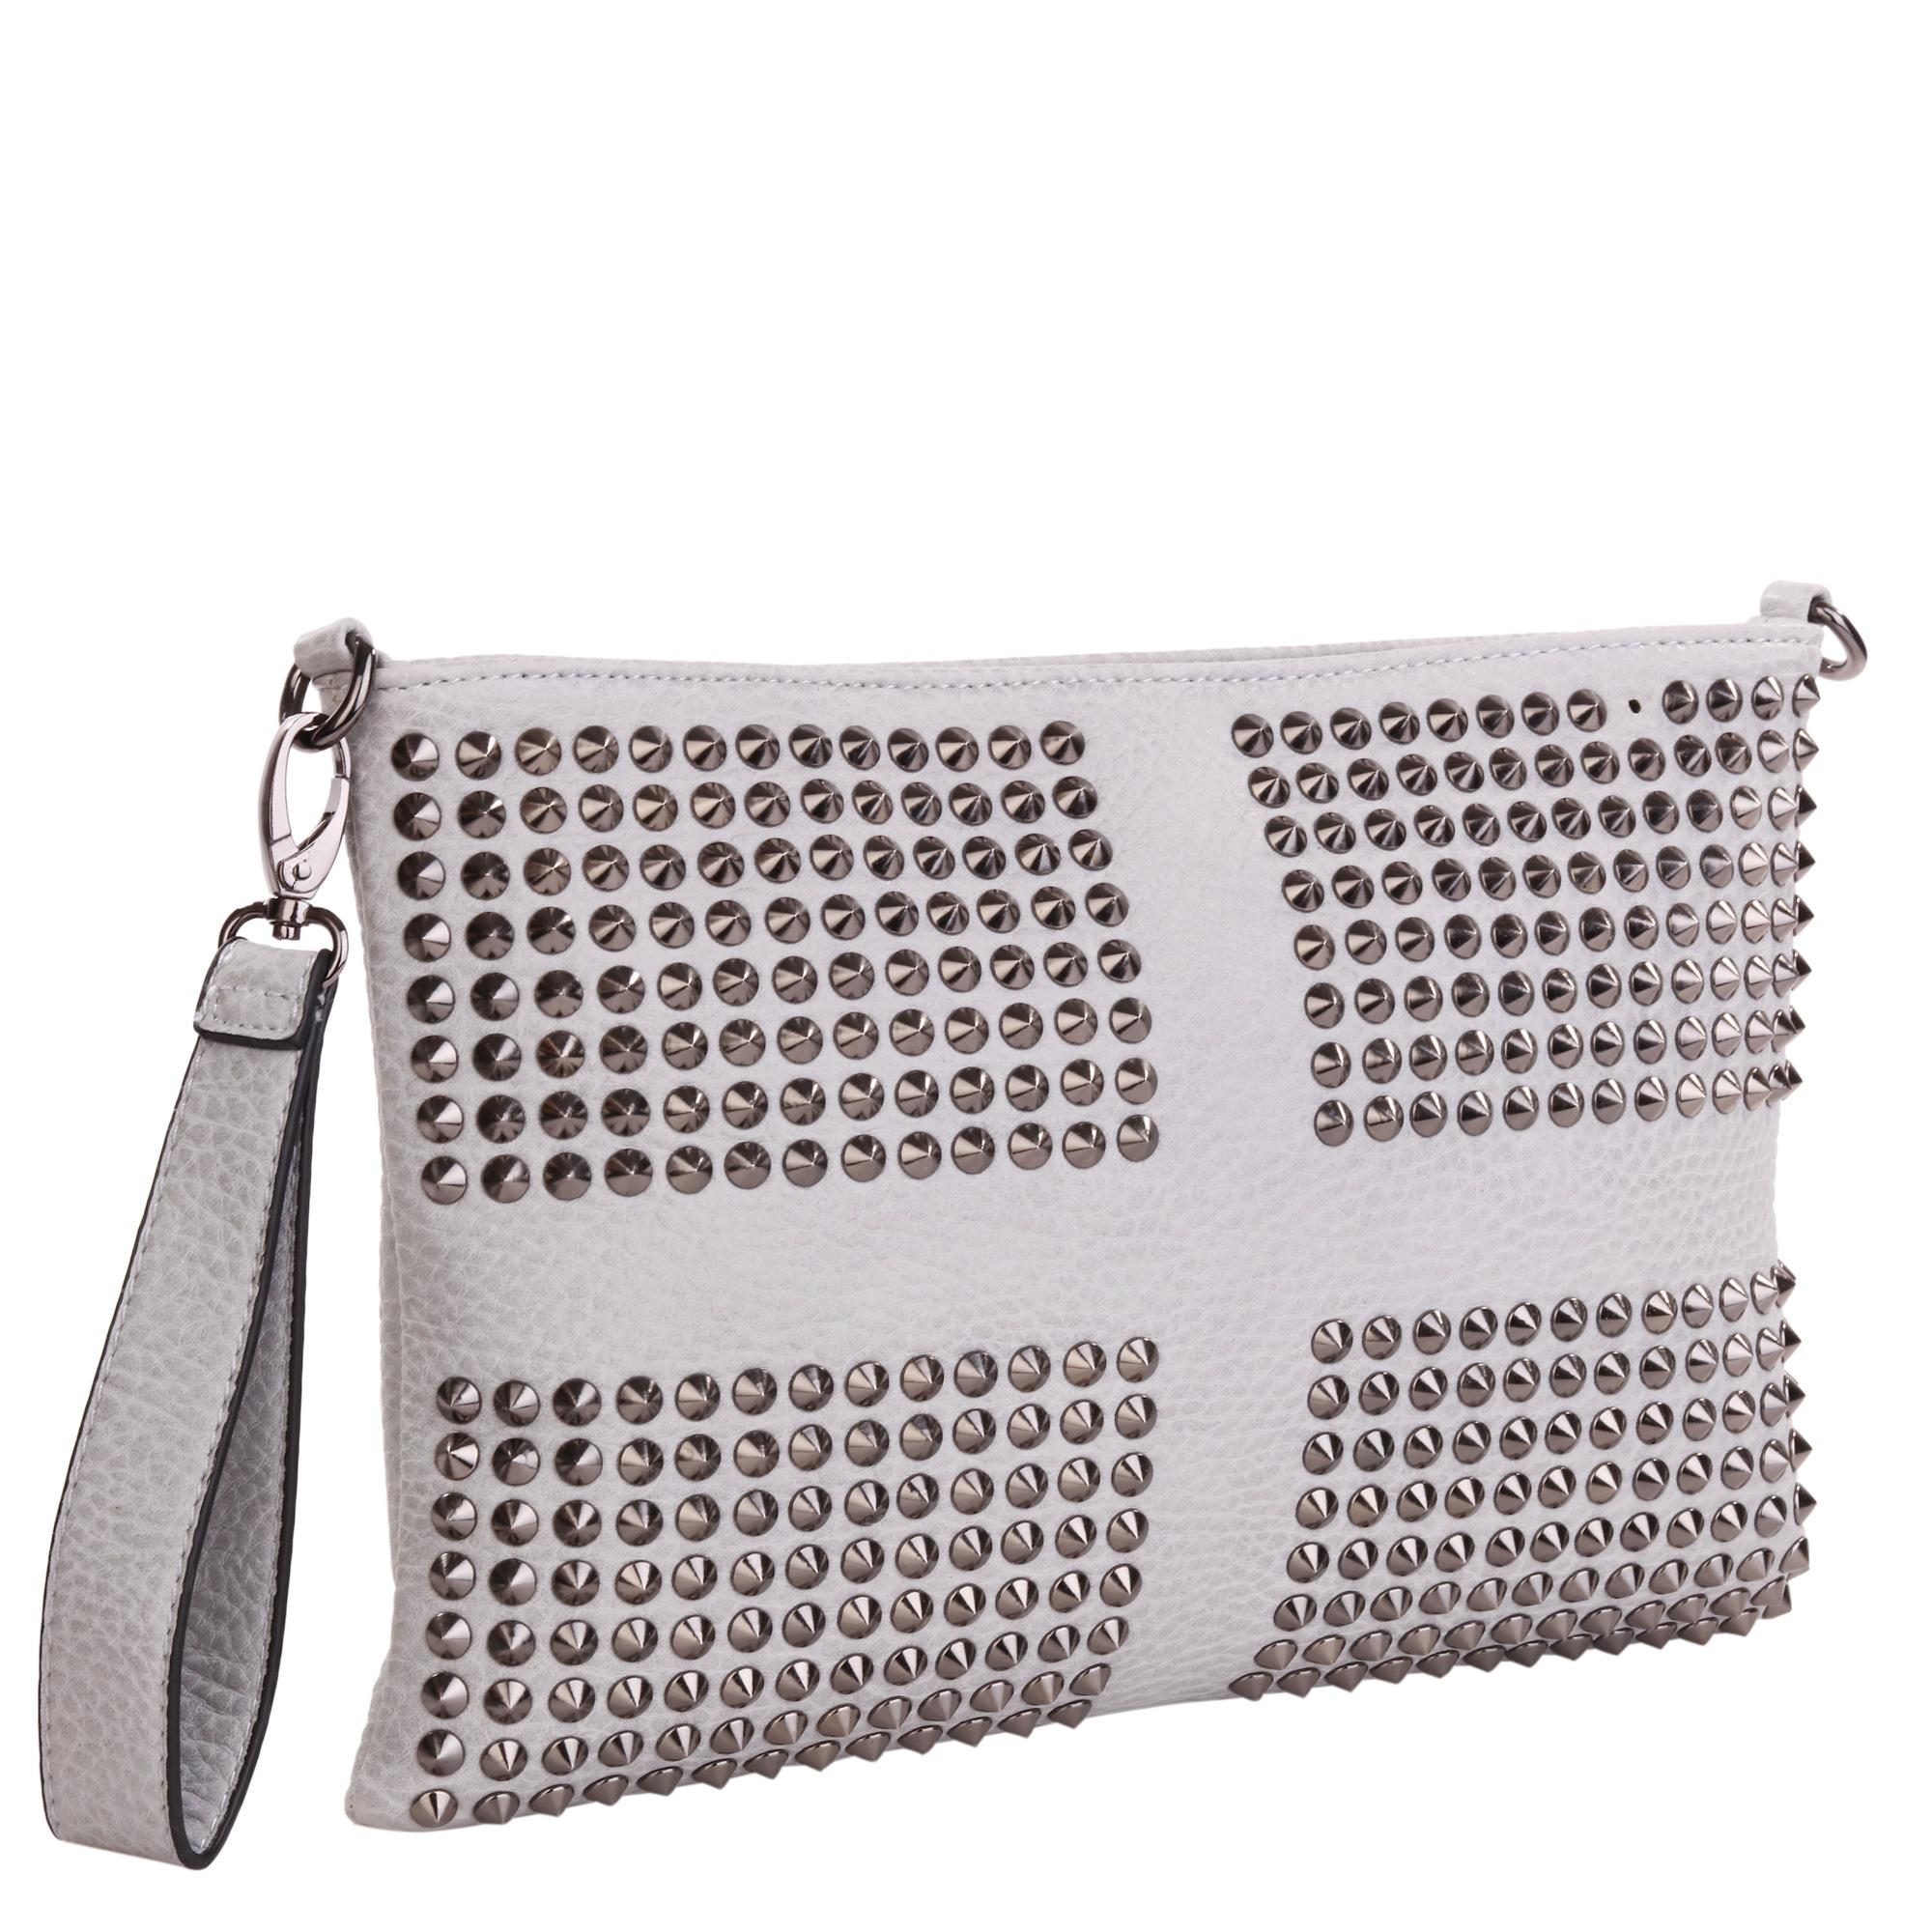 Сумка женская Pola, цвет: серый. 8273-068273-06Женская сумка Pola выполнена из экокожи. Основное отделение закрывается на молнию, внутри два открытых кармана и карман на молнии. Снаружи карман на молнии сзади сумки. В комплекте съемный плечевой ремень, регулируемый по длине, максимальная высота 58 см. Также есть съемная ручка для переноски на кисти. Цвет фурнитуры- черный.